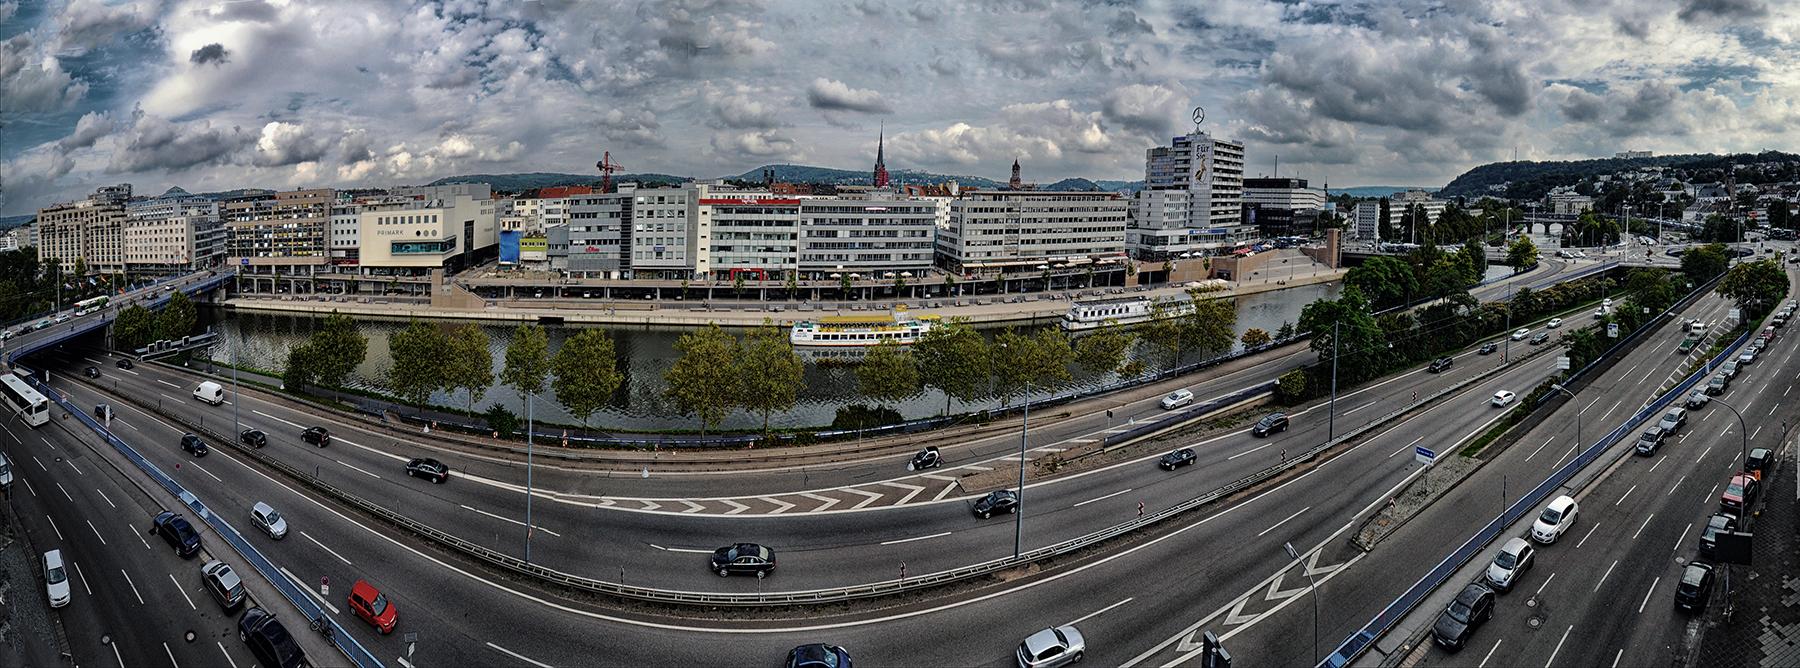 Stadt an der Autobahn